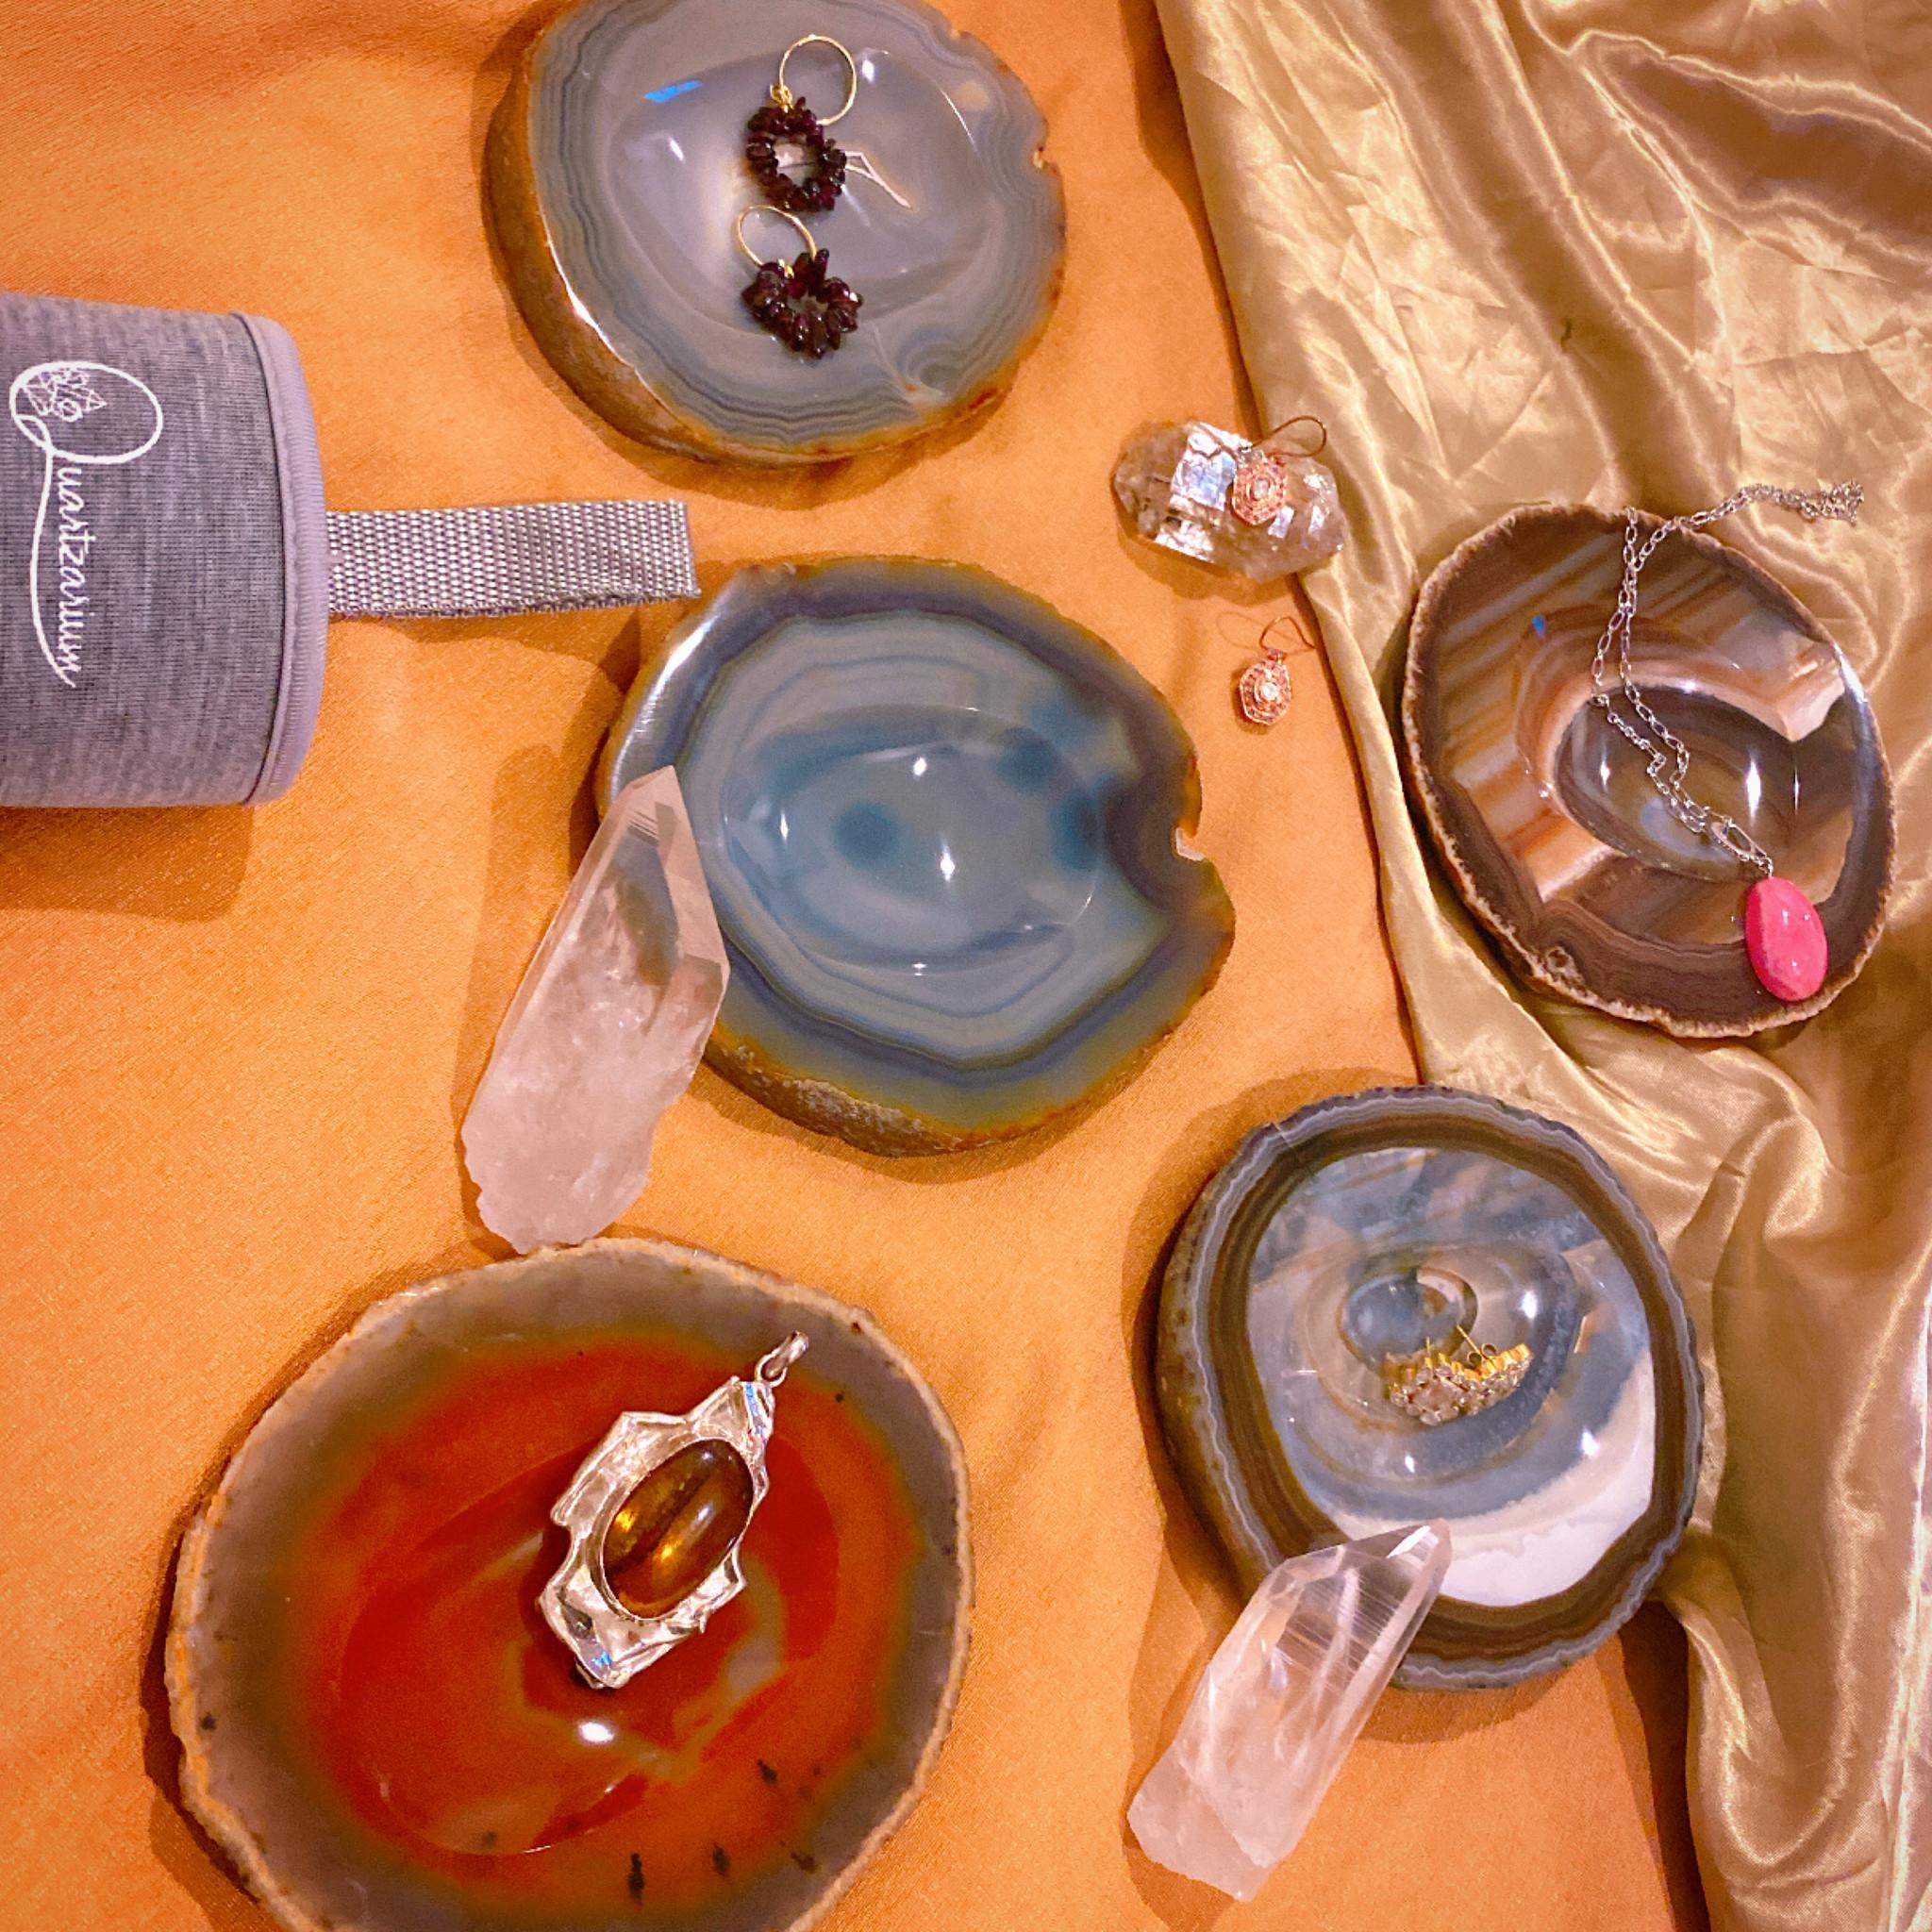 [瑪瑙トレイ]小物やアクセサリー収納に